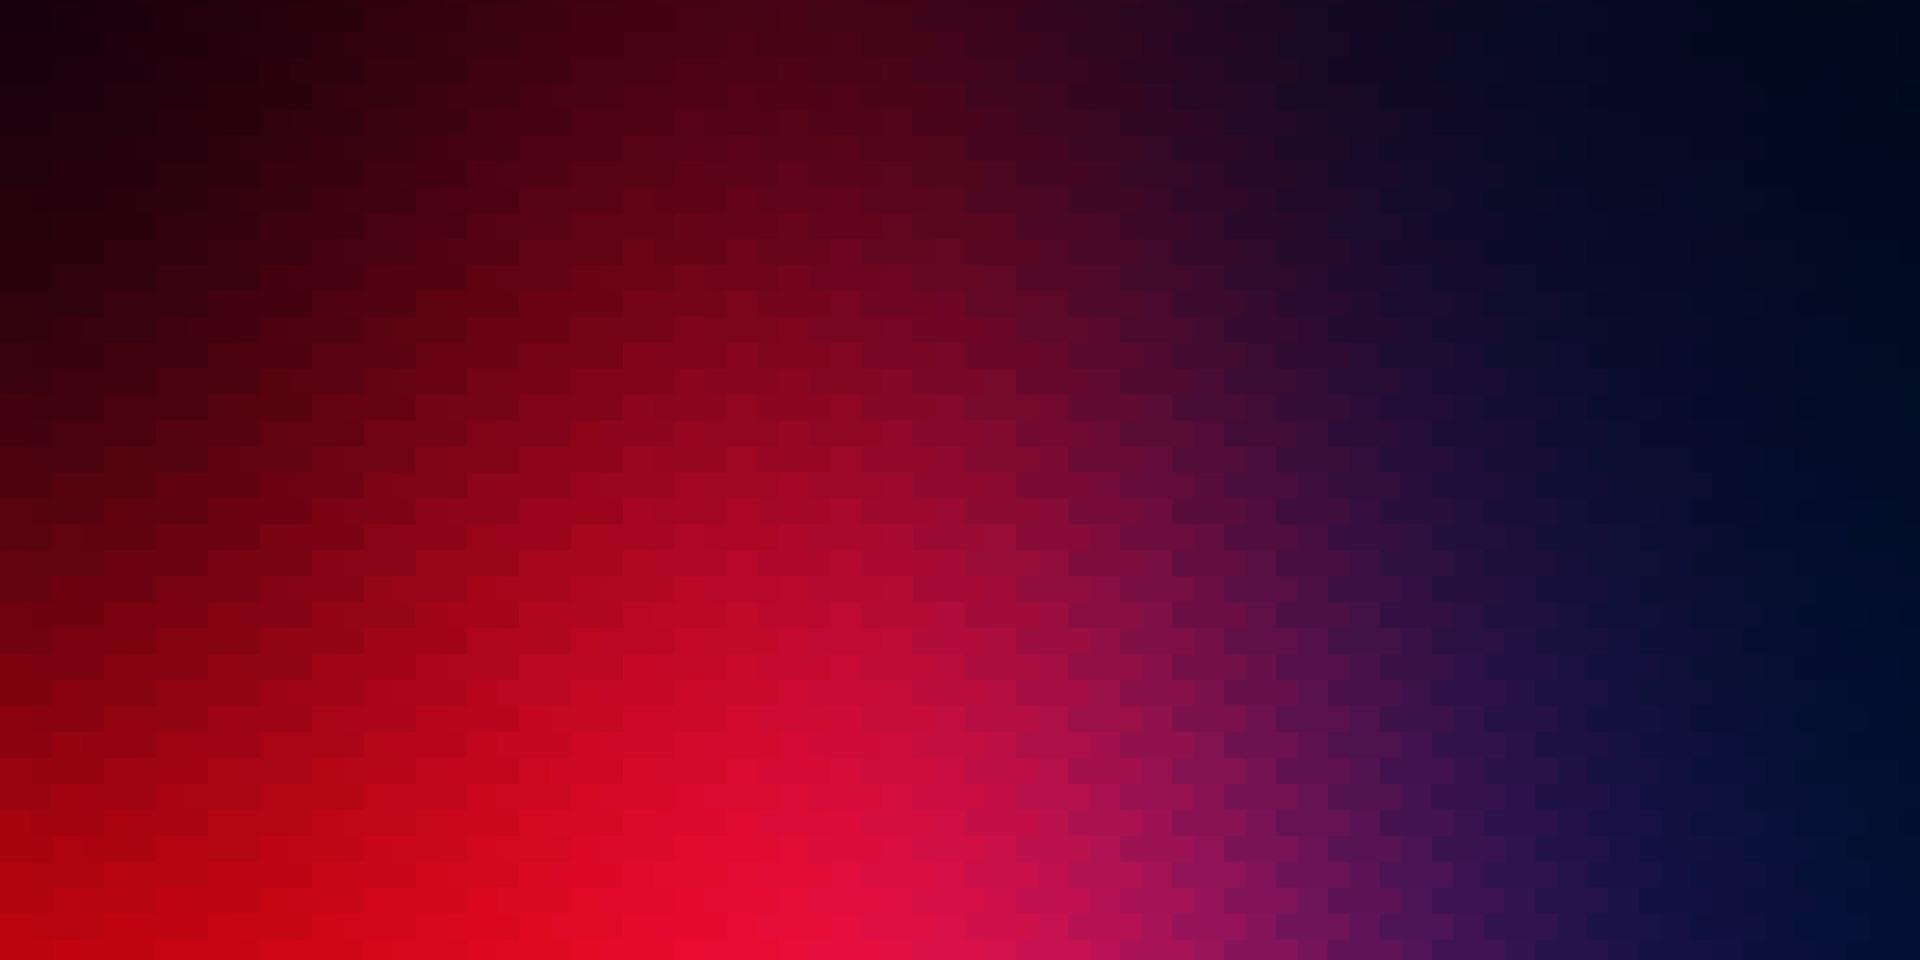 ljusblått, rött vektormönster i fyrkantig stil. vektor